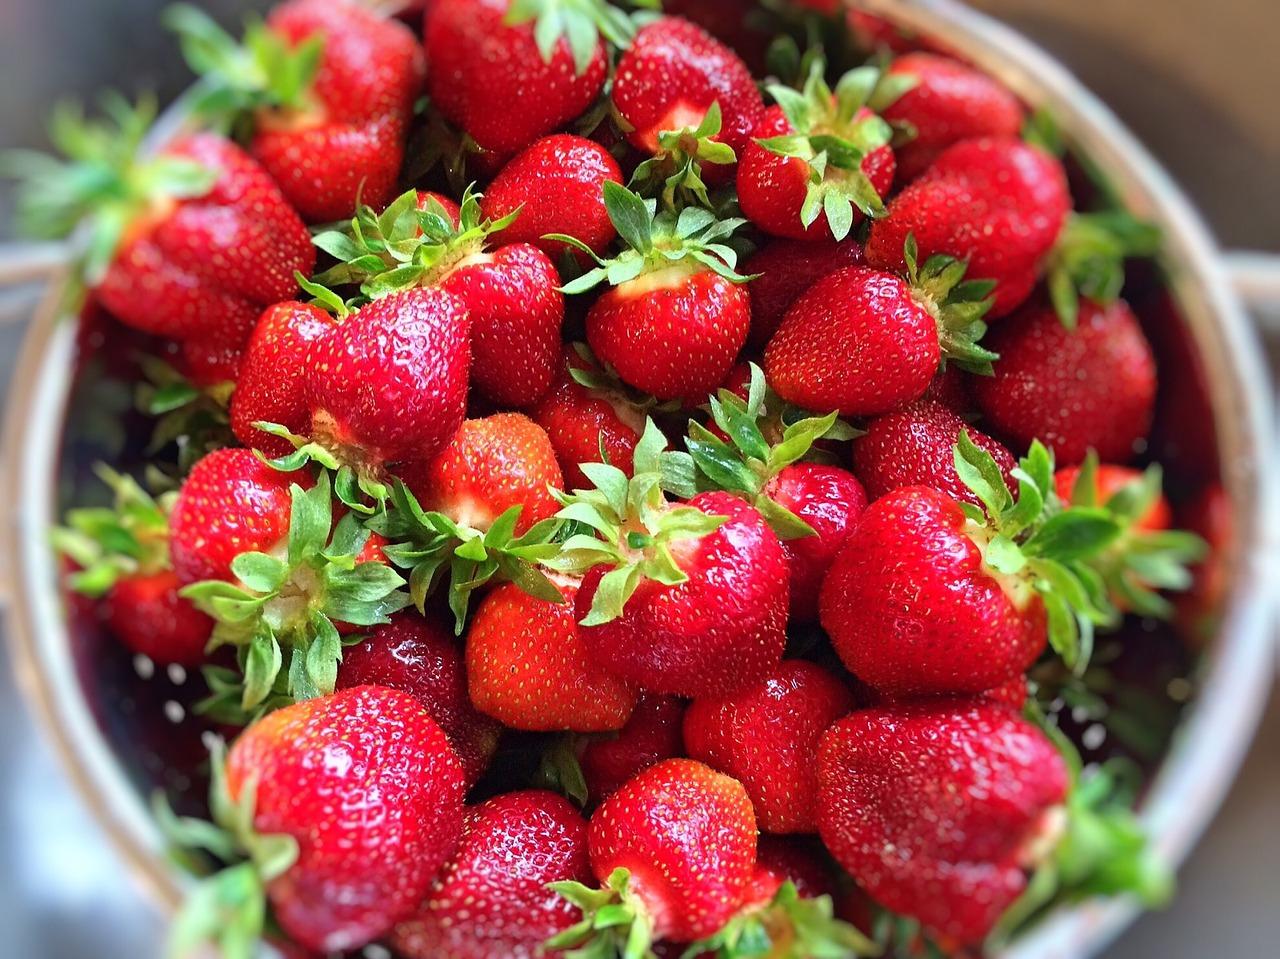 strawberries-809869_1280.jpg